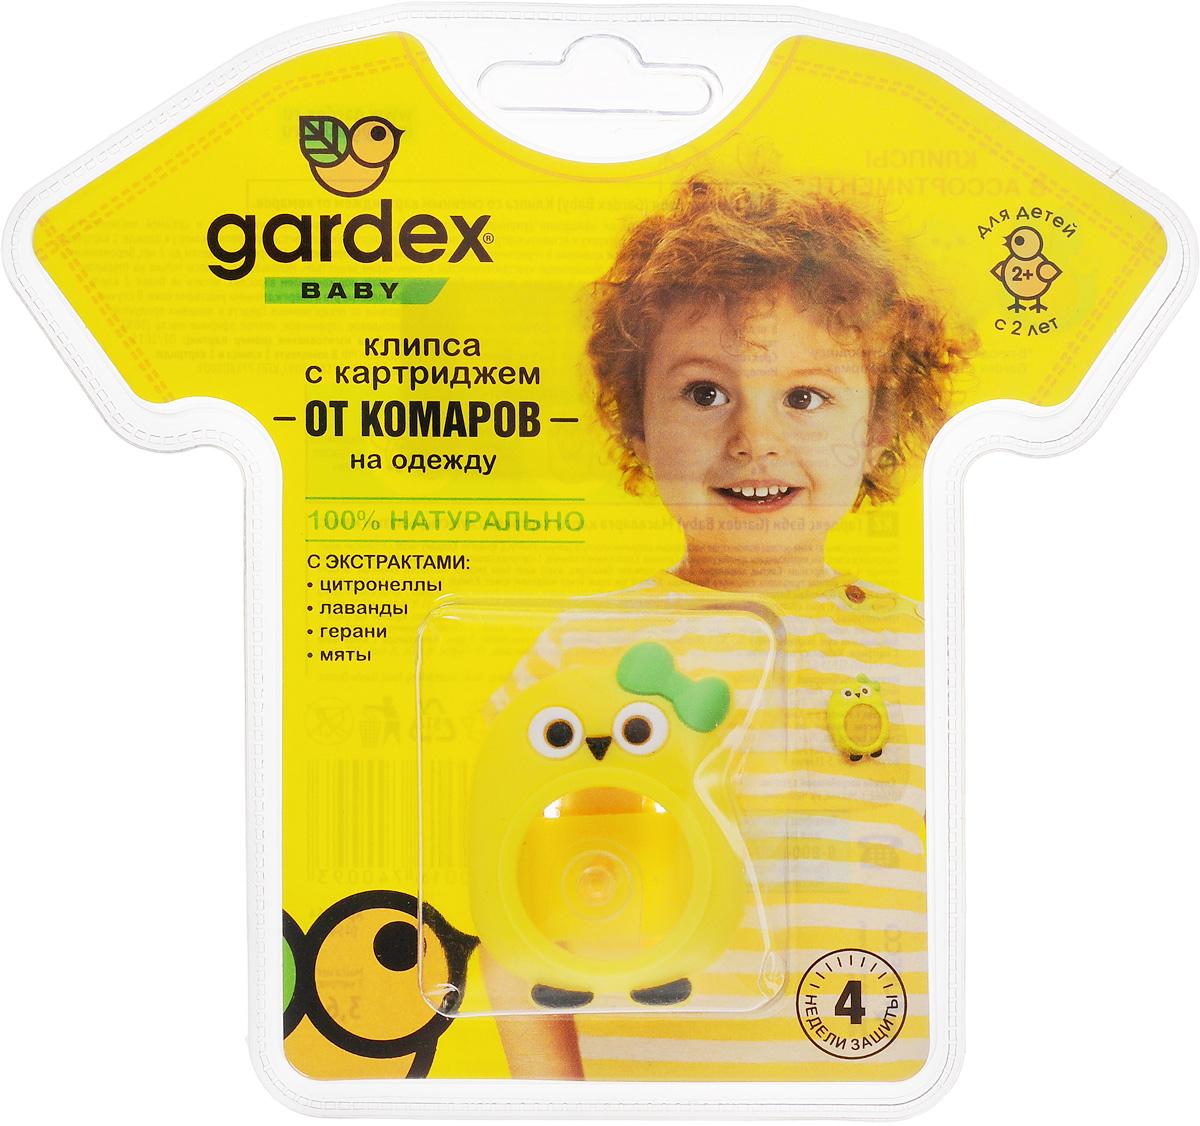 """Фото Клипса от комаров Gardex """"Baby"""", со сменным картриджем, цвет: желтый. Купить  в РФ"""